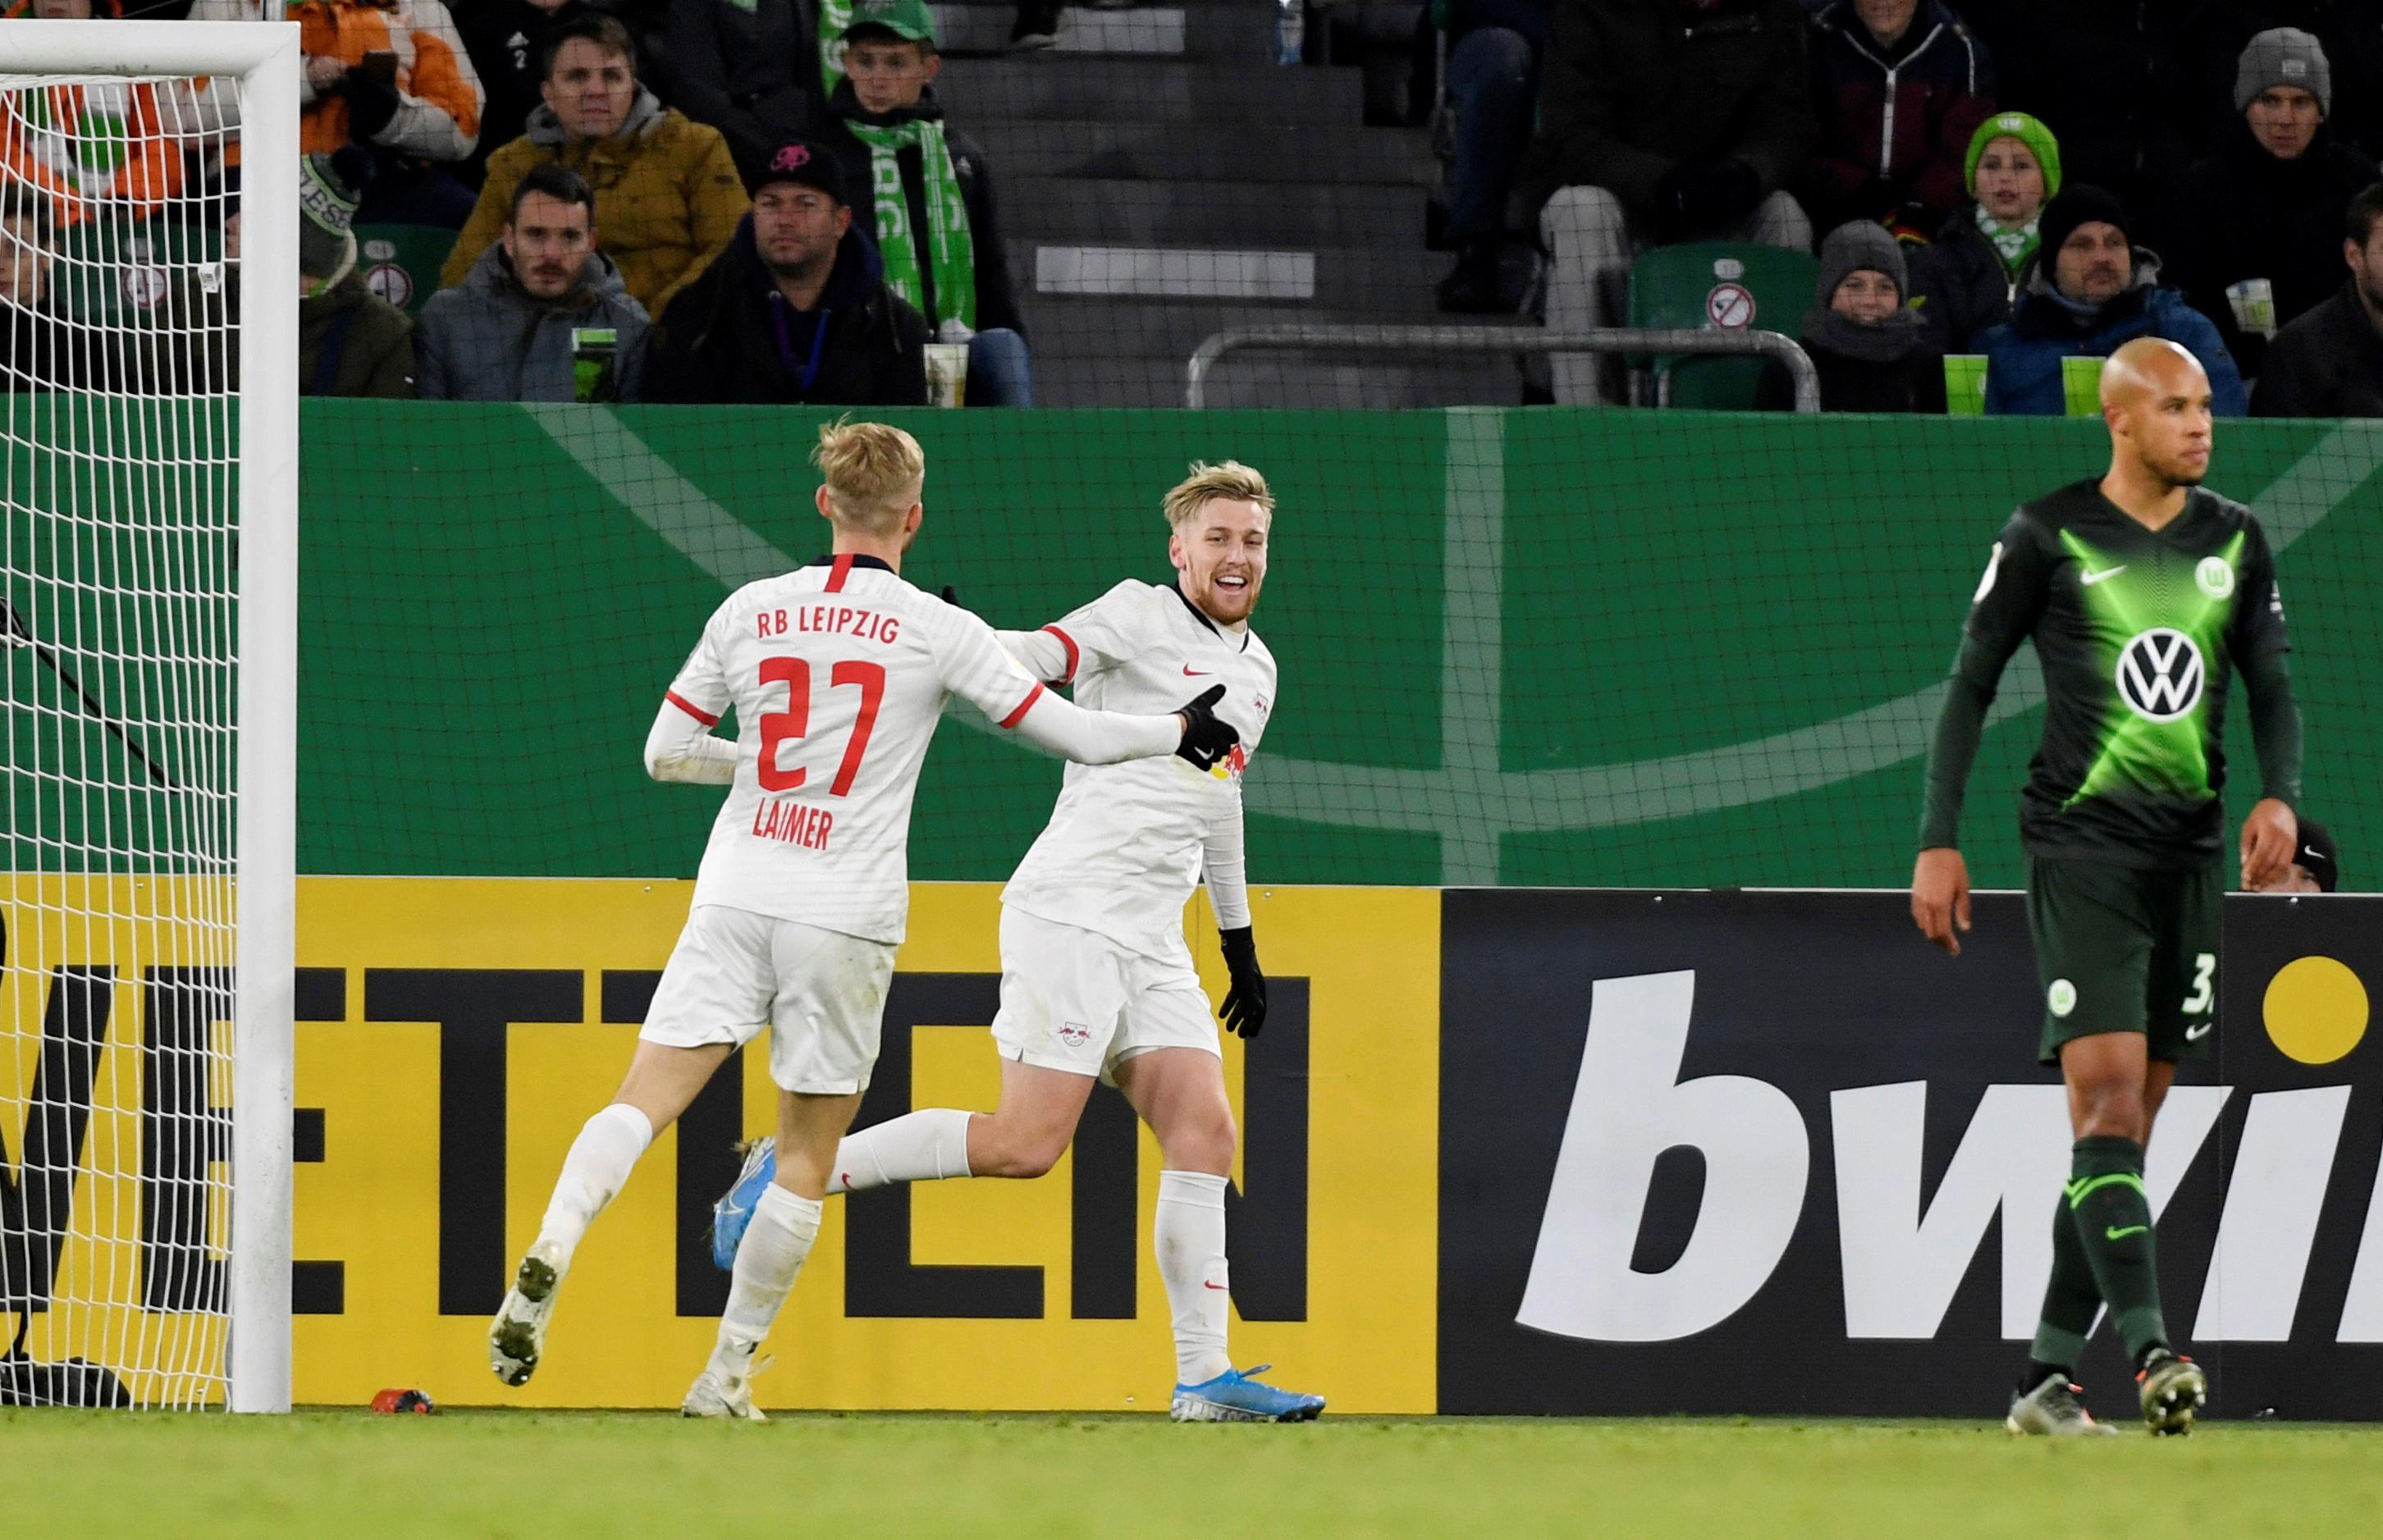 Κύπελλο Γερμανίας: Έβρεξε… γκολ από Λειψία και Βέρντερ!